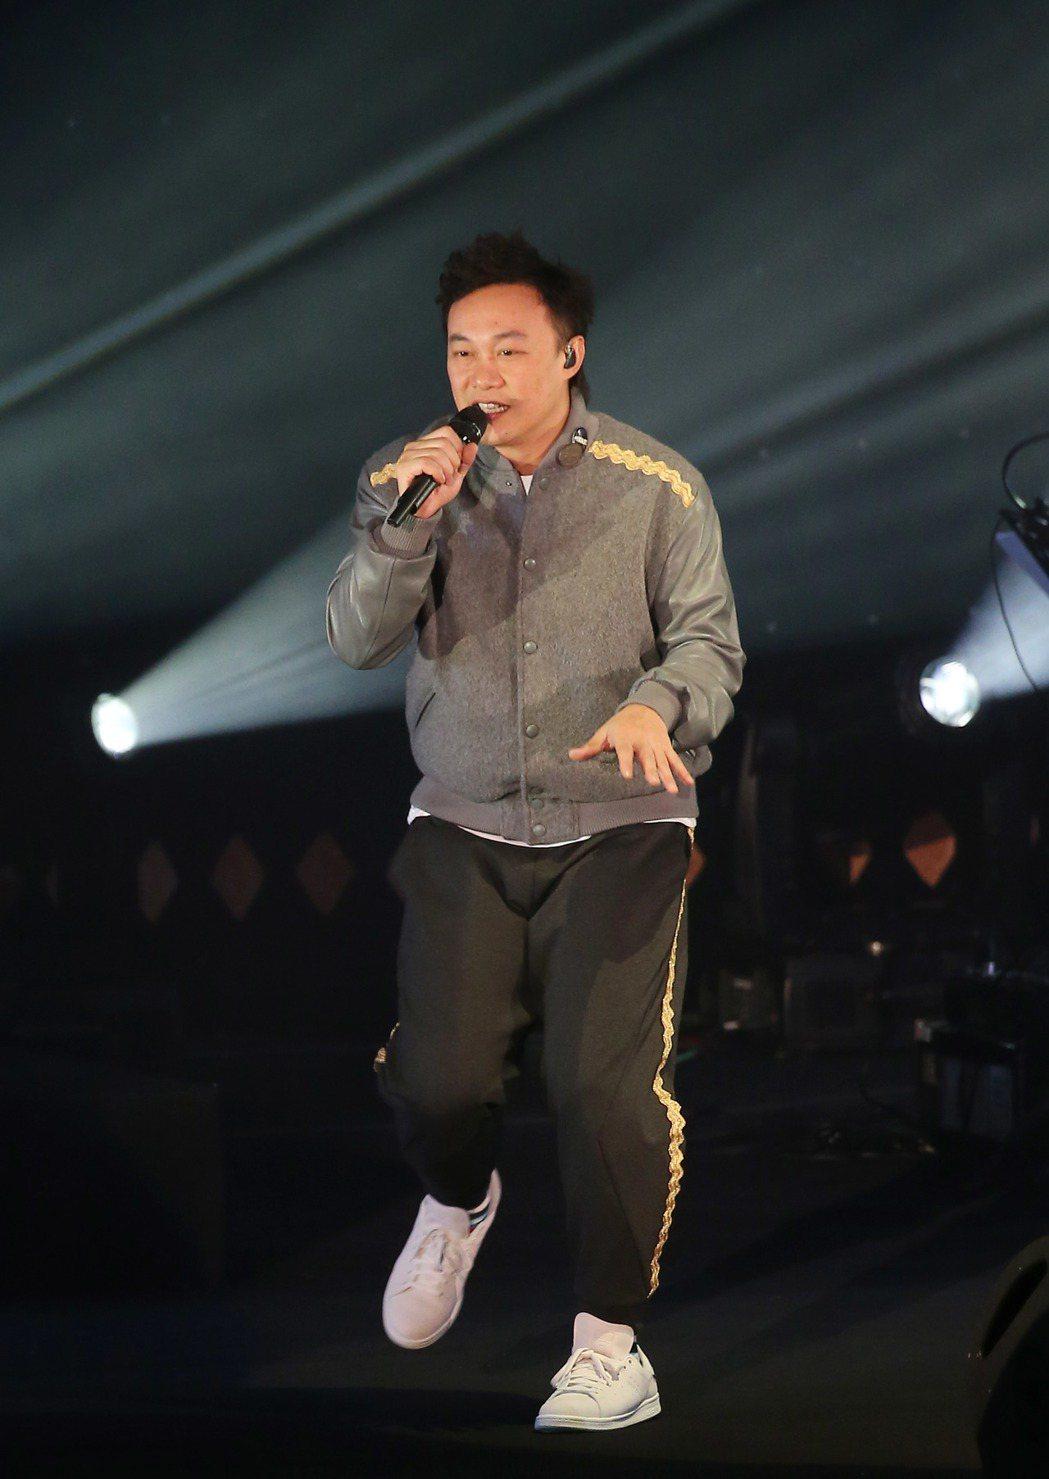 陳奕迅來台舉辦演唱會。記者陳瑞源/攝影